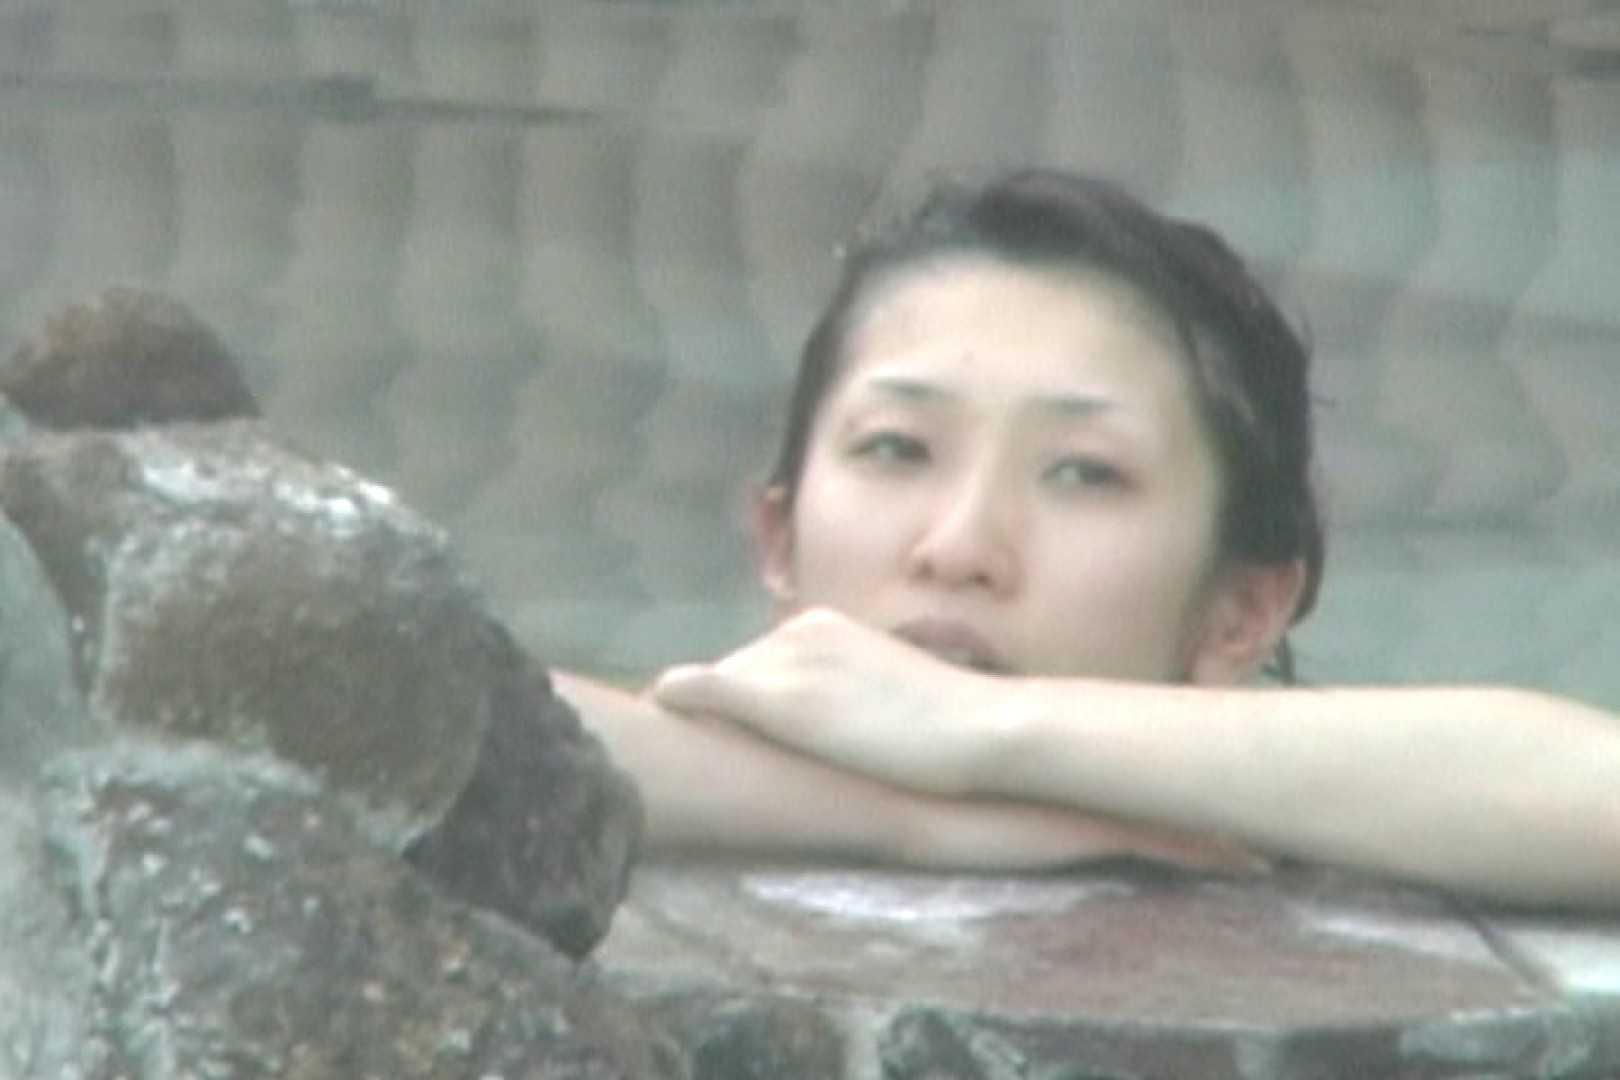 Aquaな露天風呂Vol.588 OLのエロ生活  53連発 18